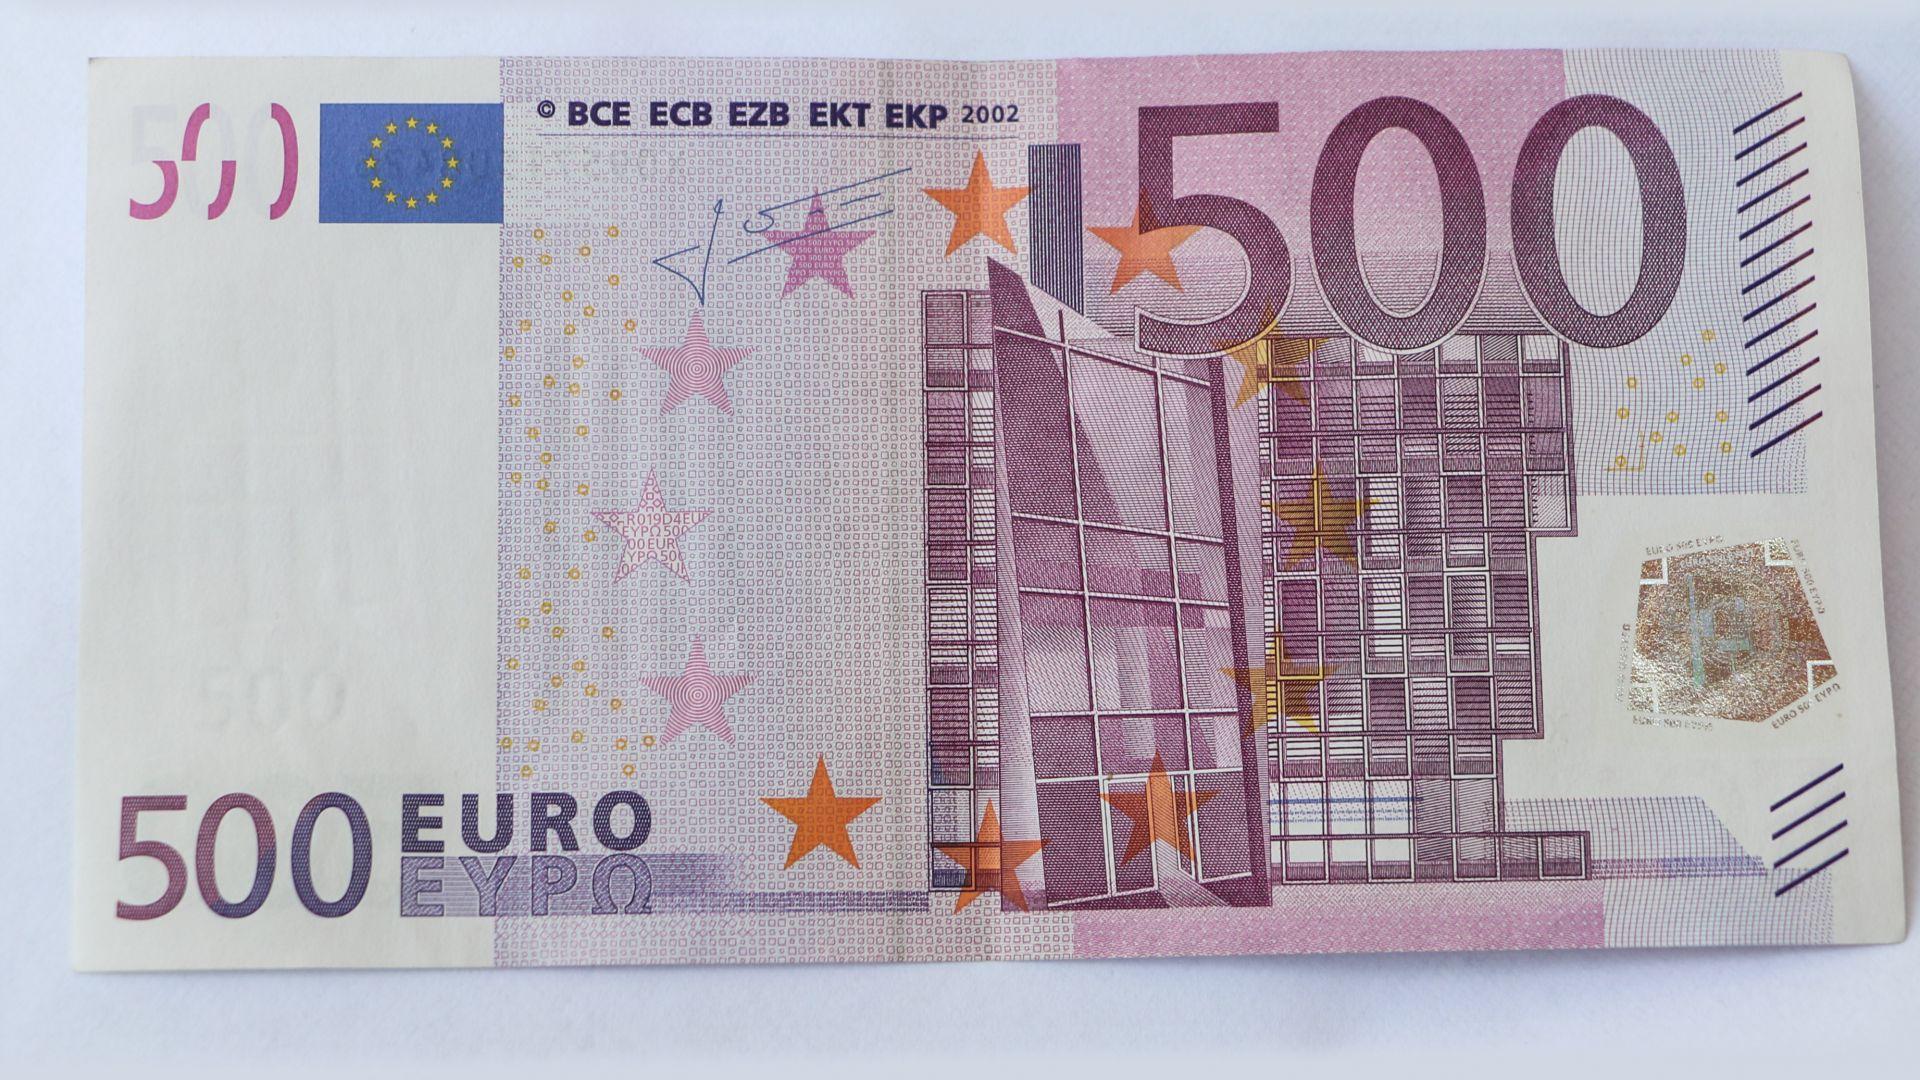 Прекратиха печатането на банкнотата от 500 евро